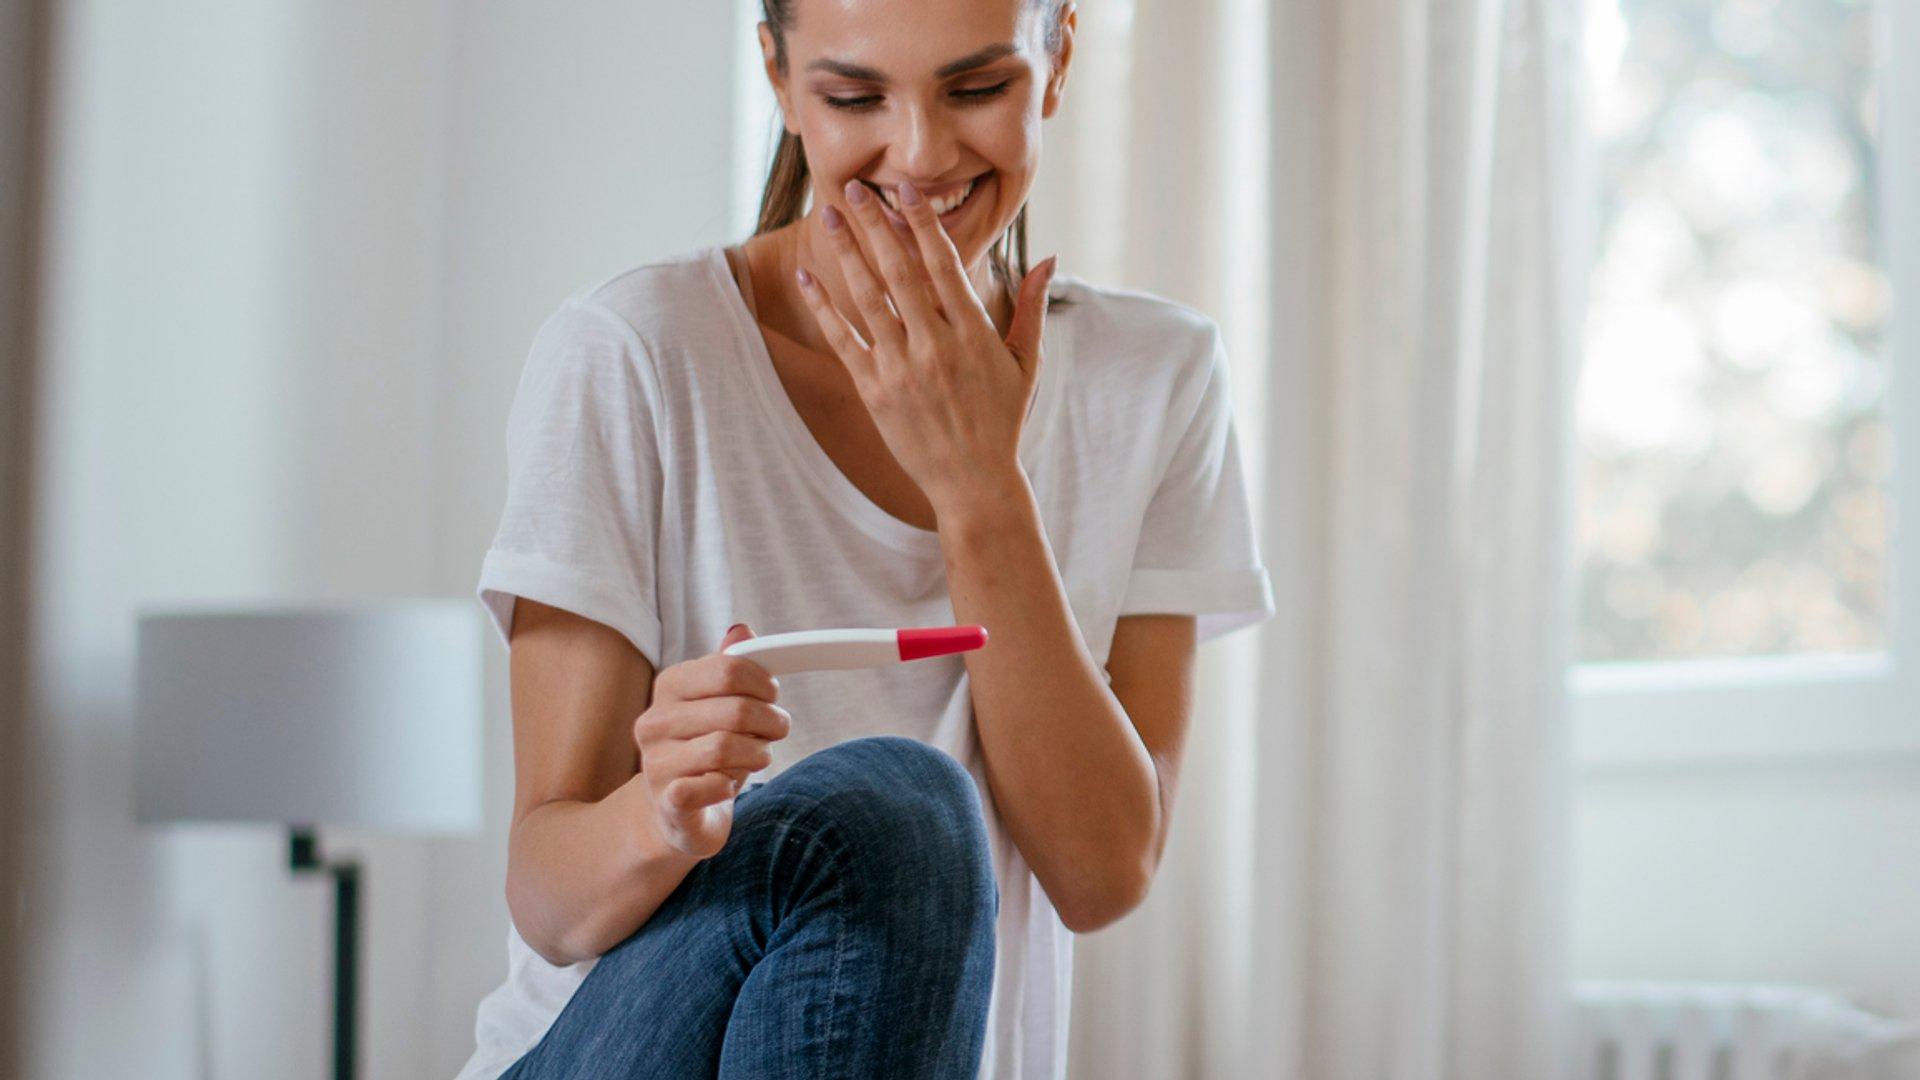 Mal benutzen 2 schwangerschaftstest abgelaufener Schwangerschaftstest